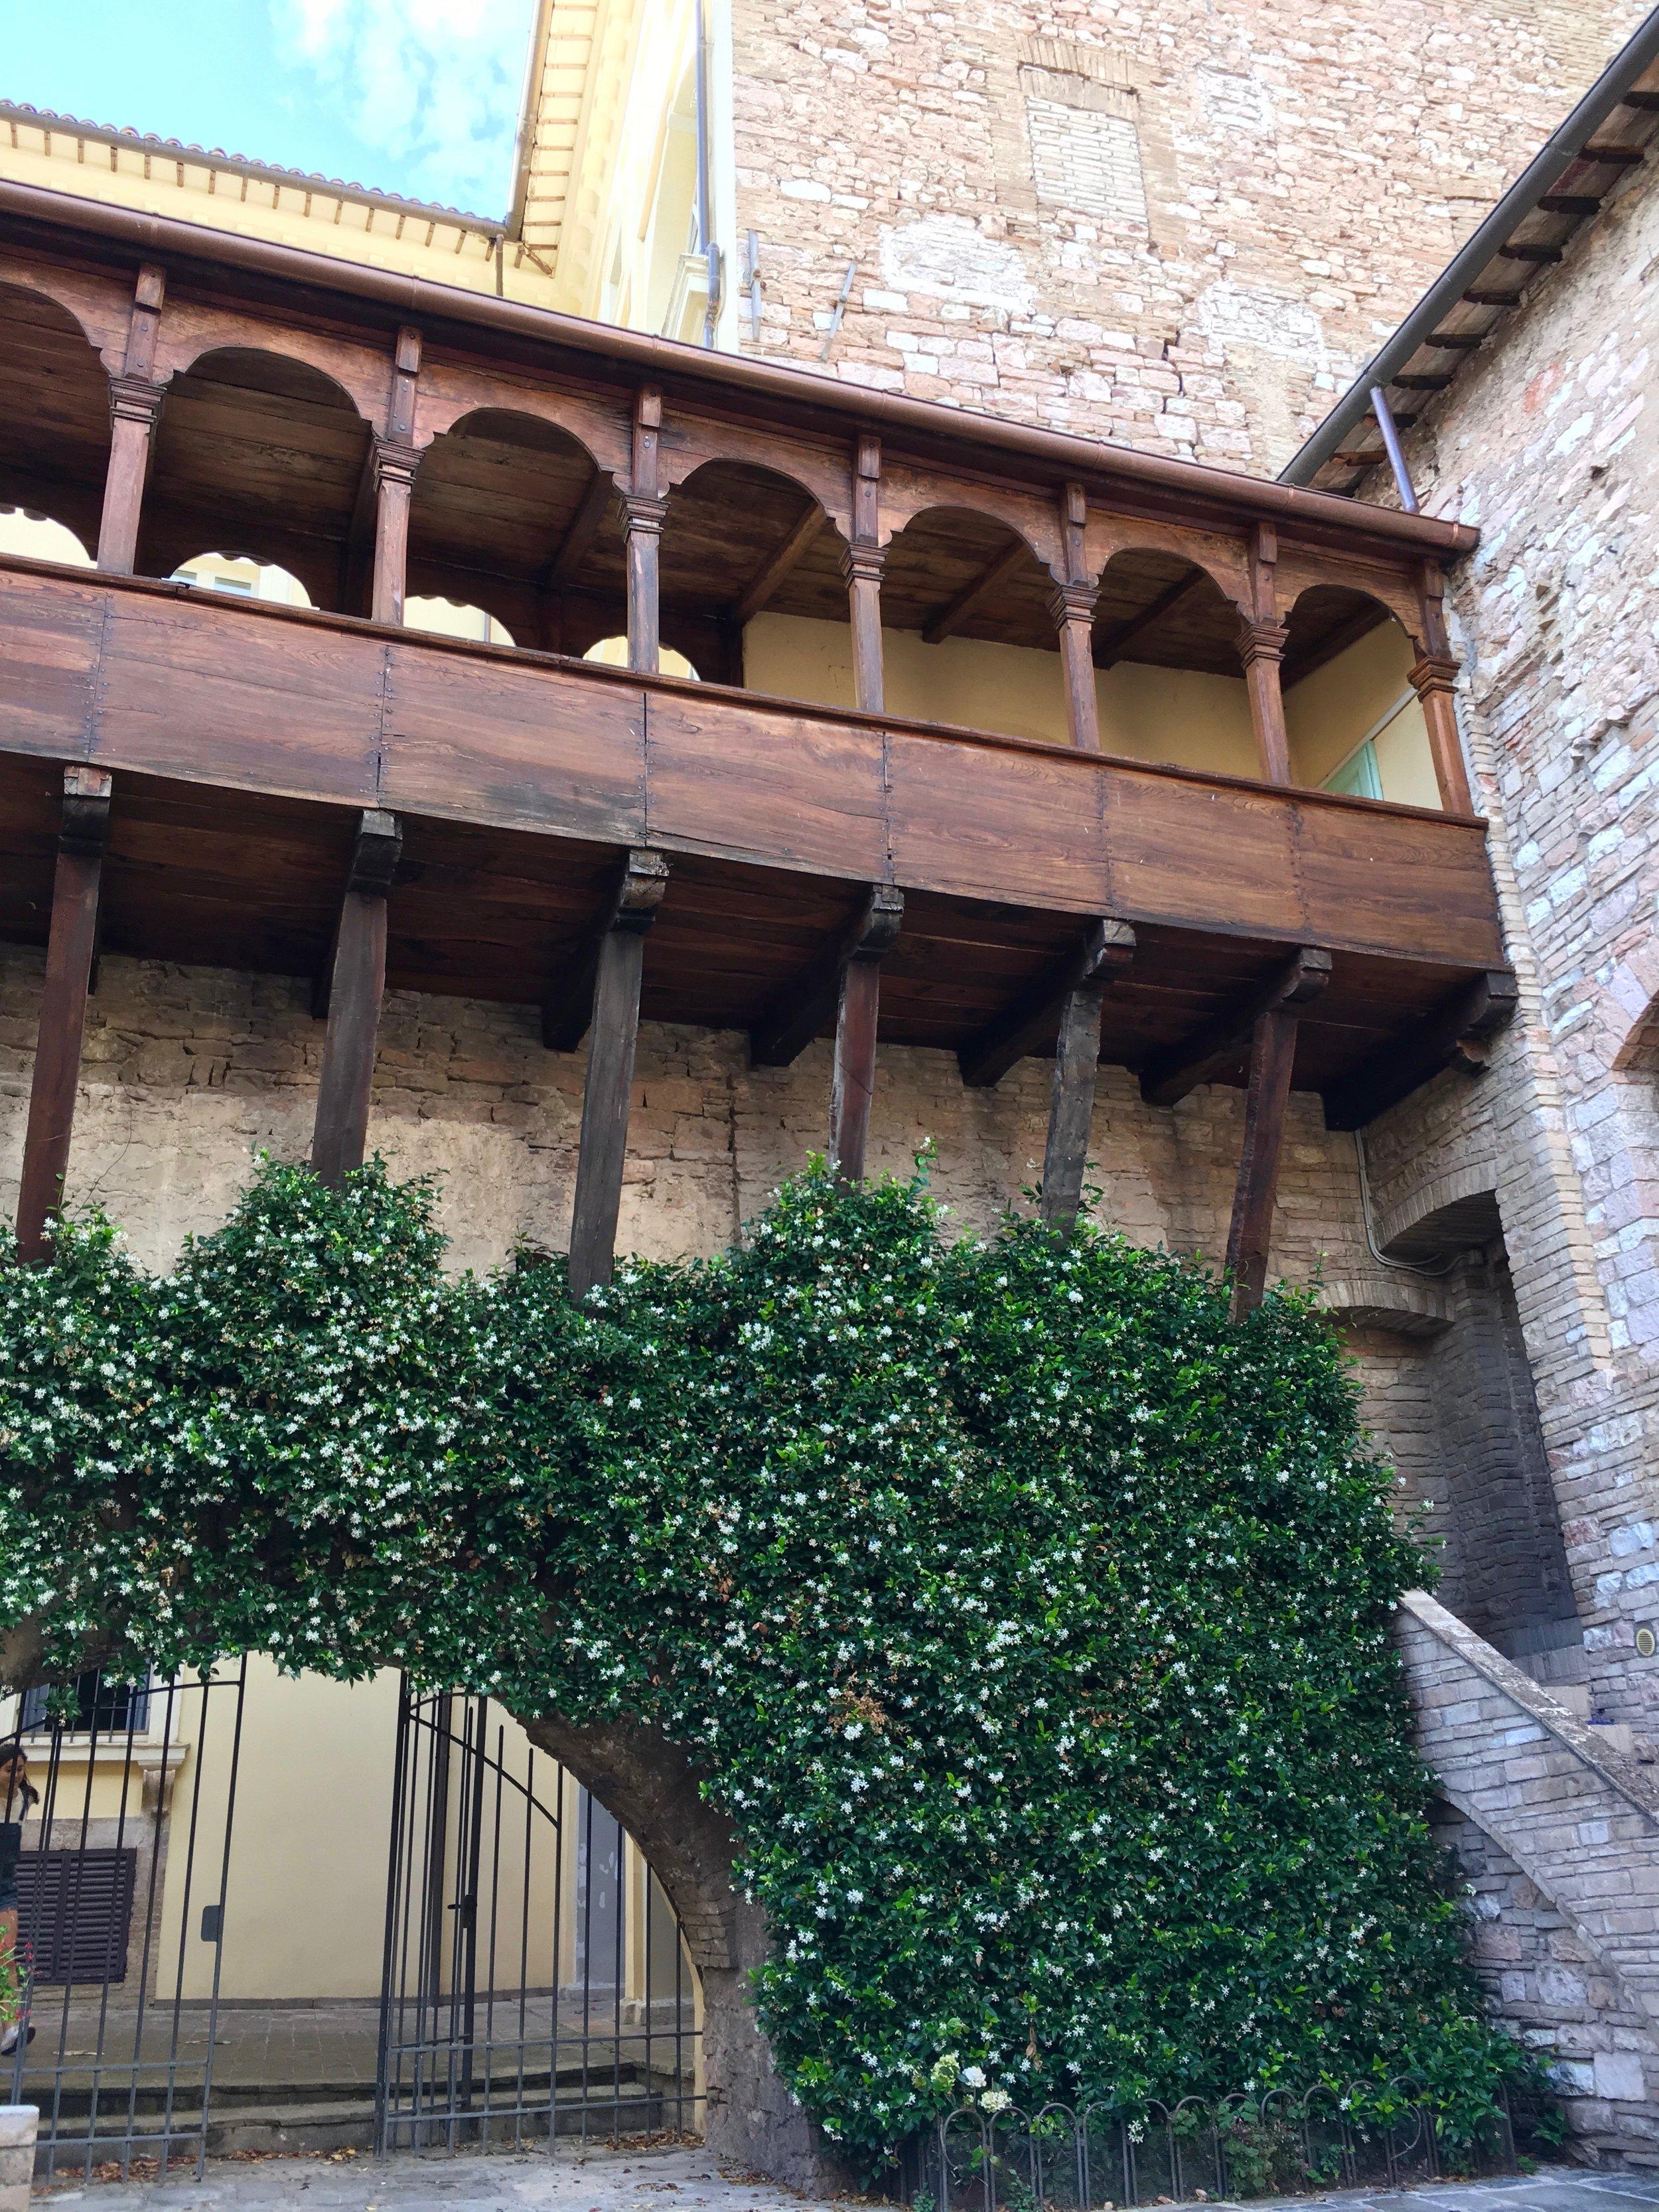 Loggia in Spello, Umbria